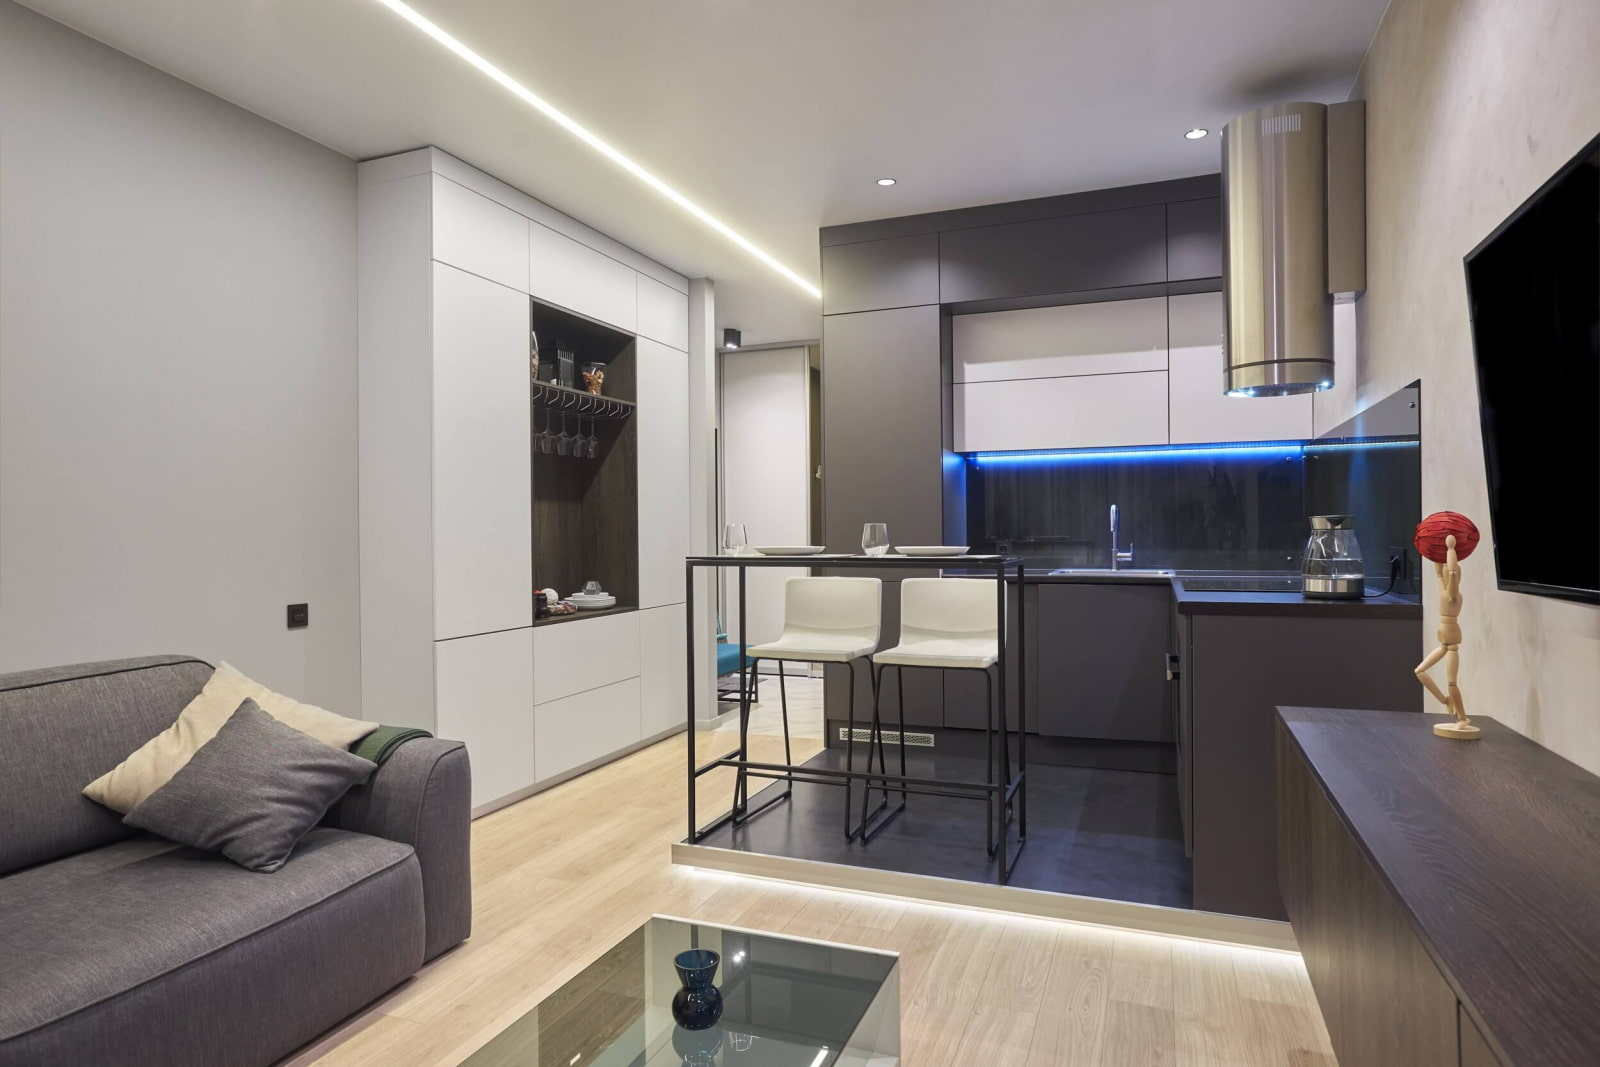 кухня 15 кв м с диваном дизайн фото